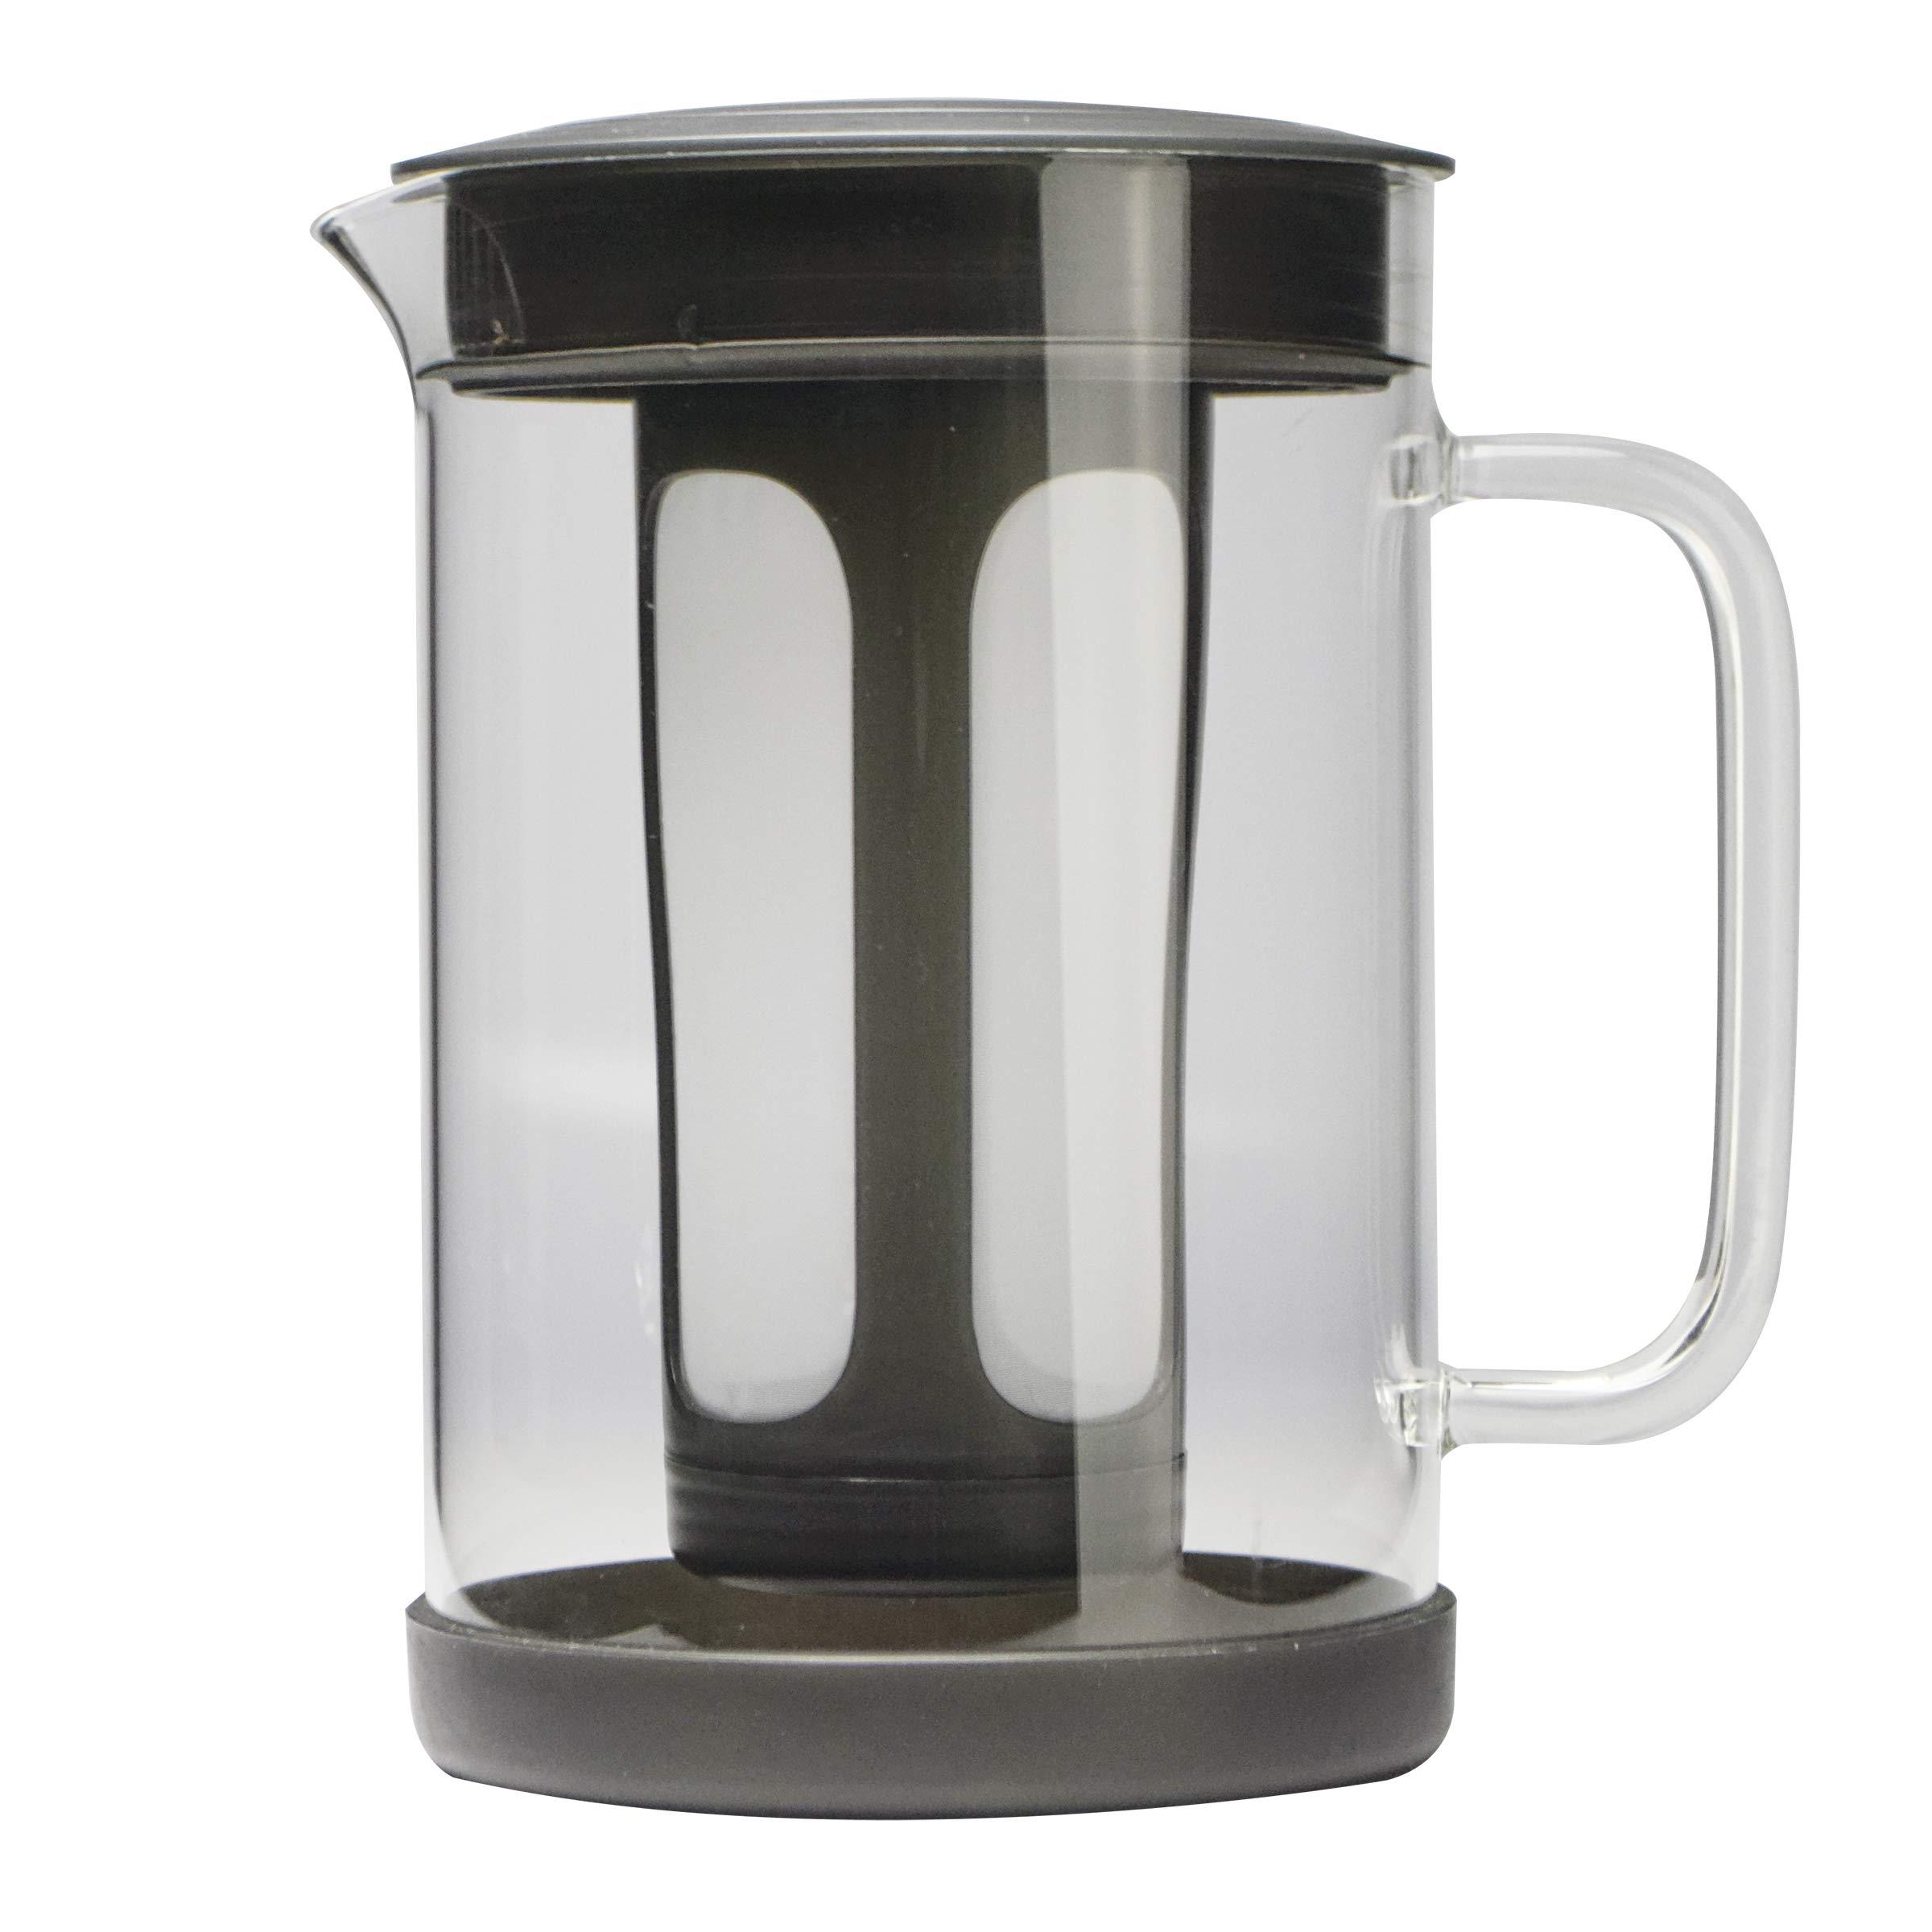 Primula PCBBK-5351 51 oz Black Pace Cold Brew Iced Coffee Maker by Primula